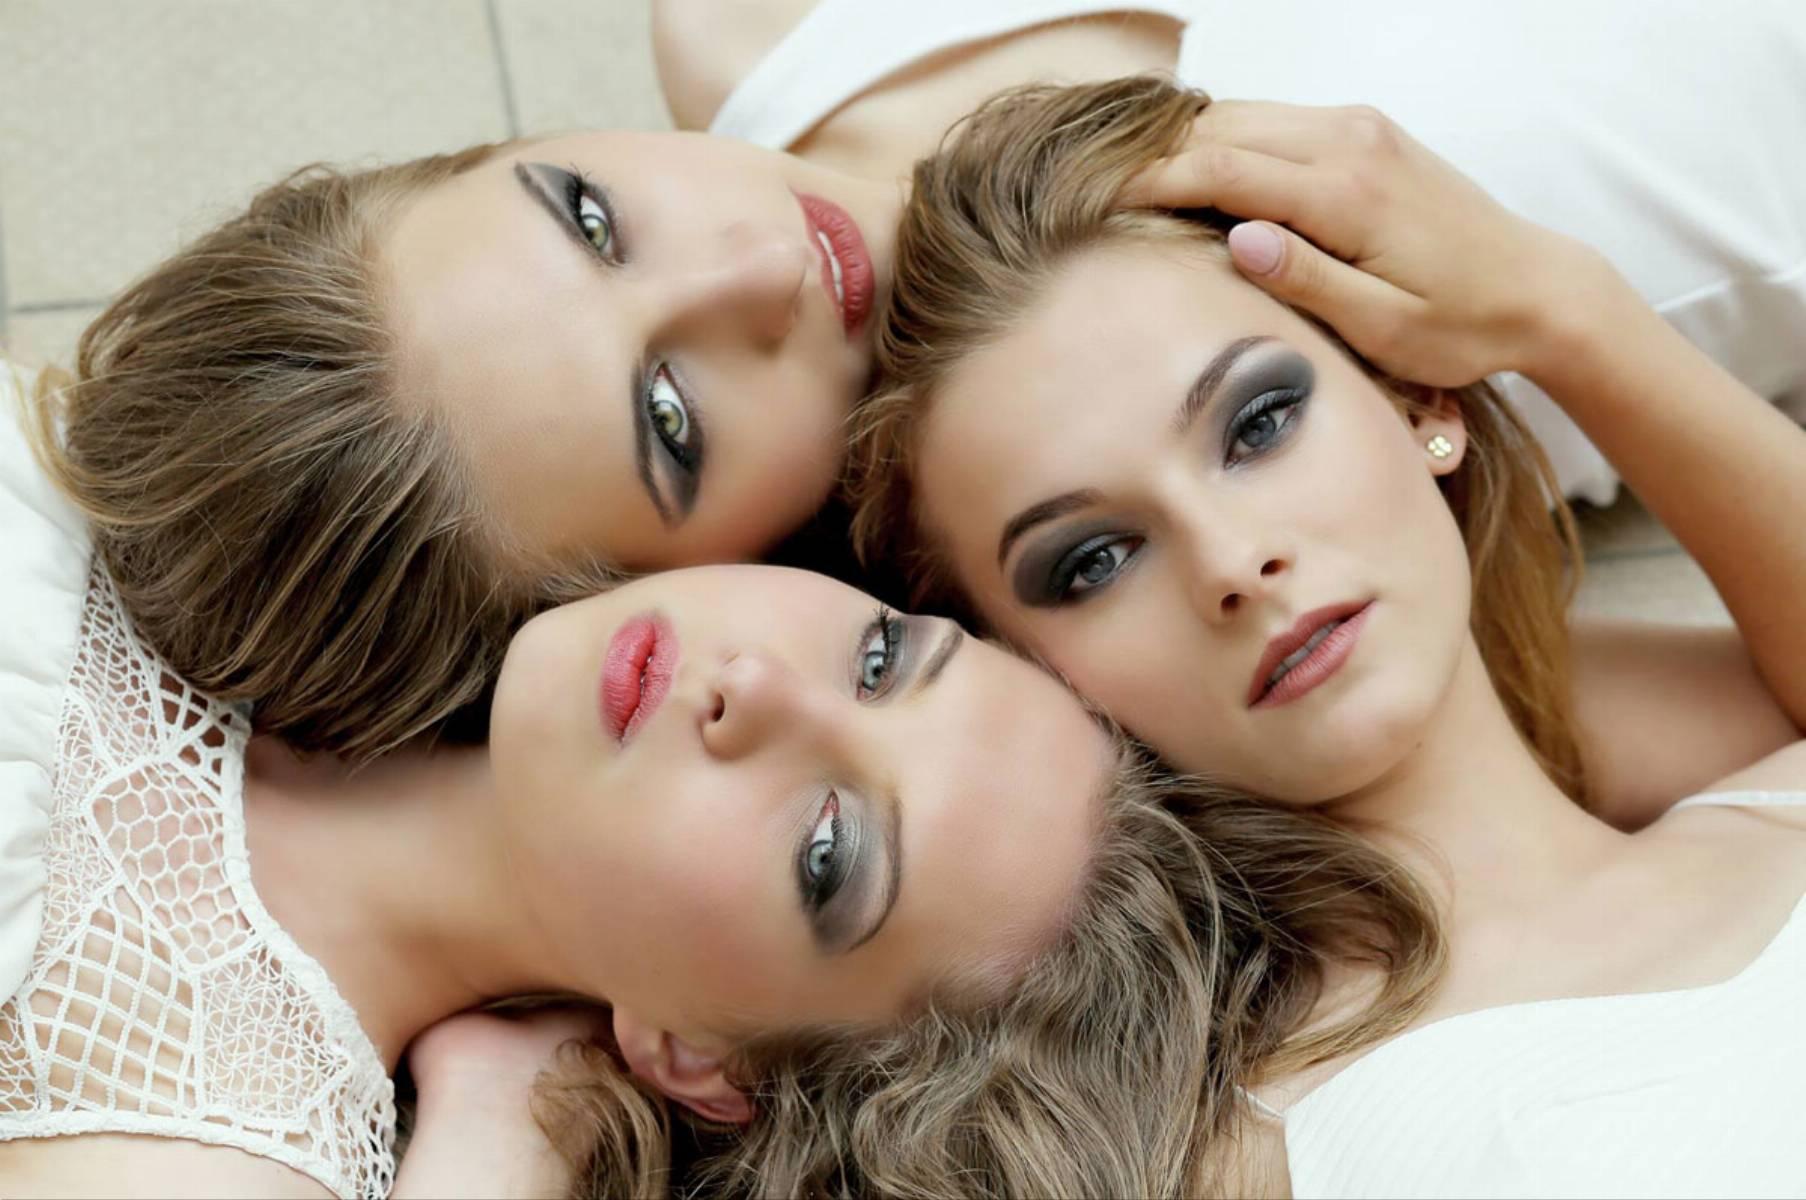 Jak uwieść faceta wyglądem _ 3 piękne kobiety